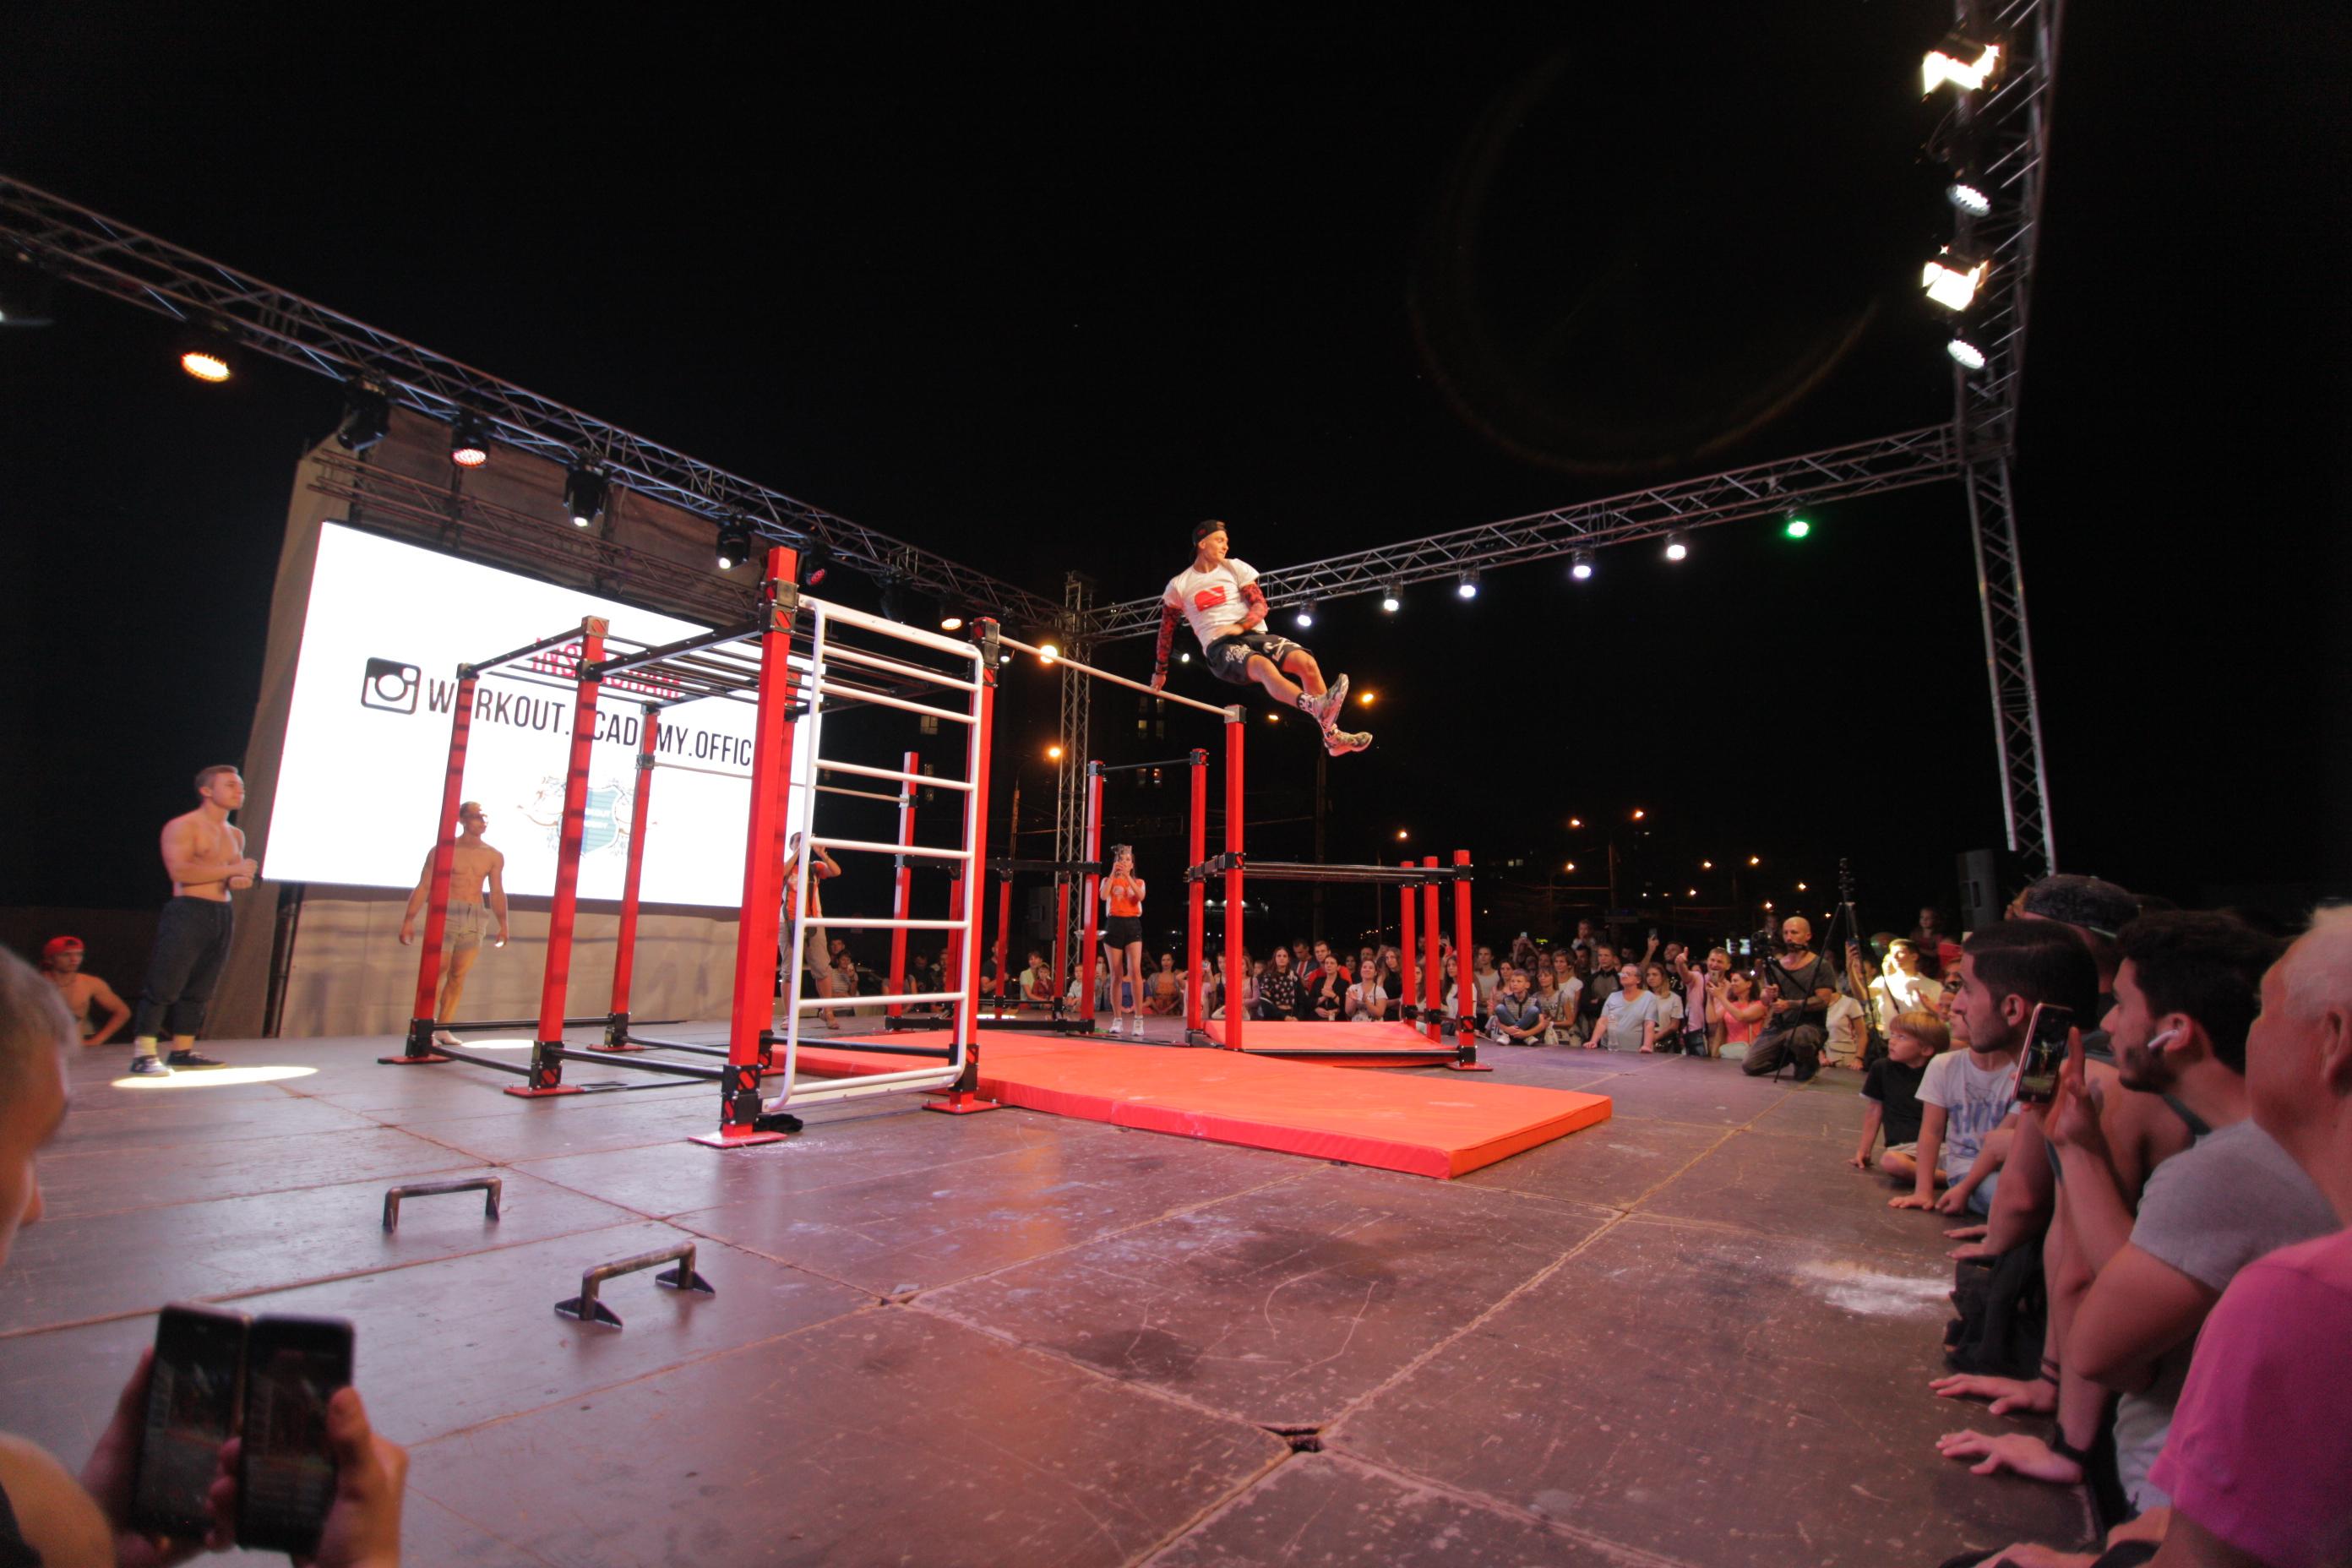 Шоу подивилося декілька тисяч глядачів